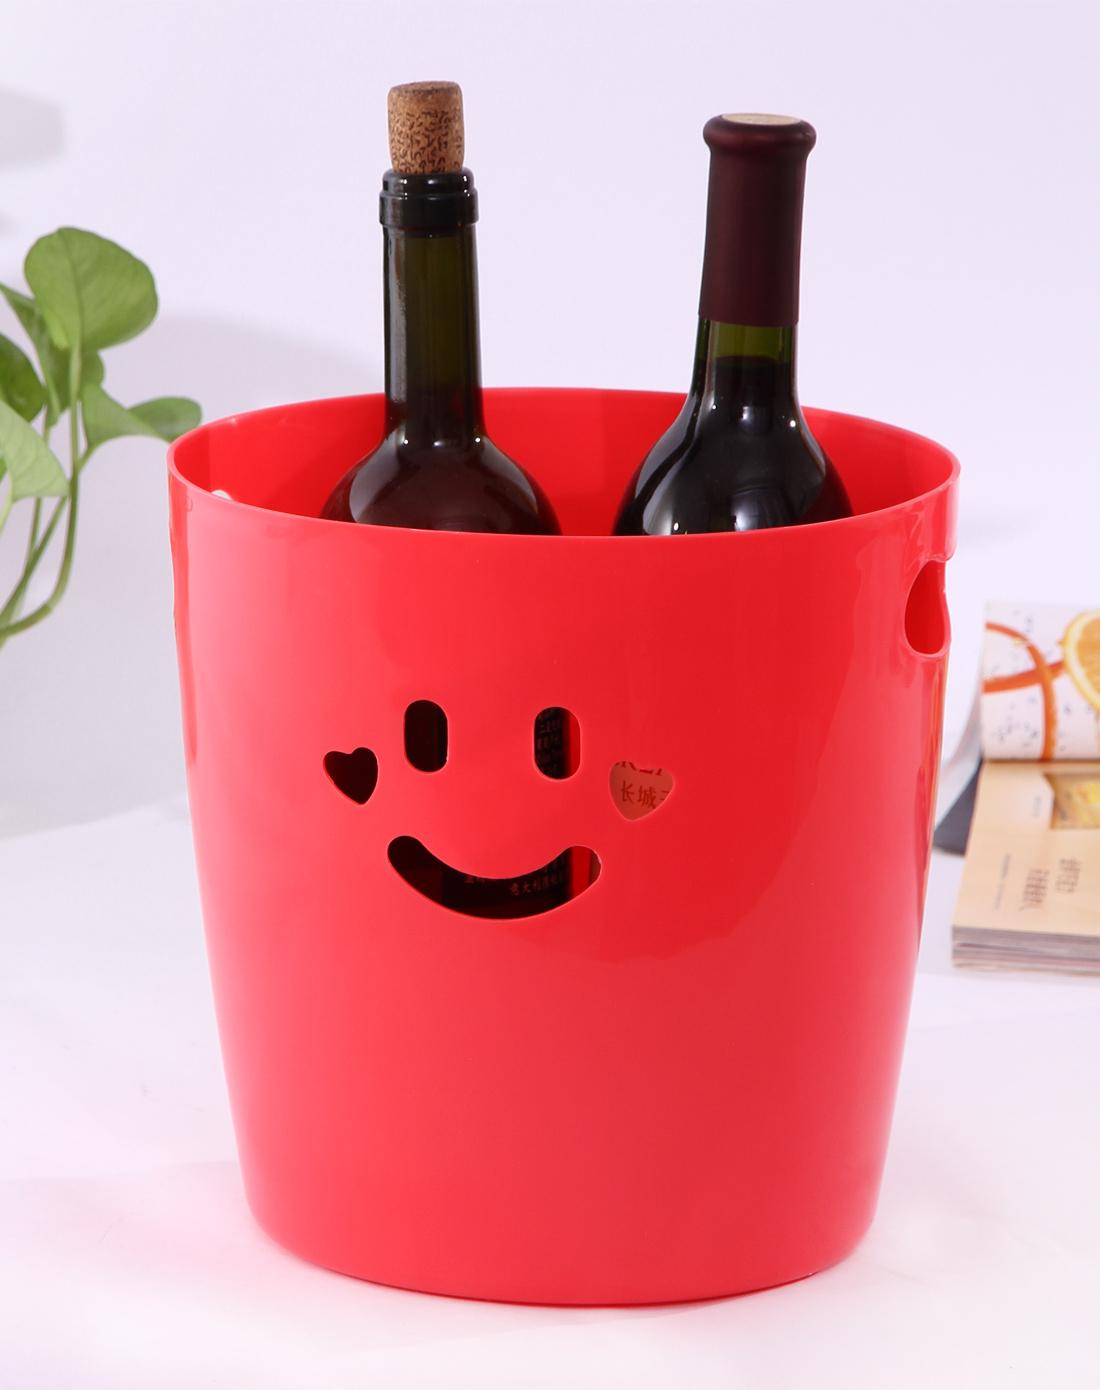 h&3家居用品专场红色可爱笑脸桌面收纳桶